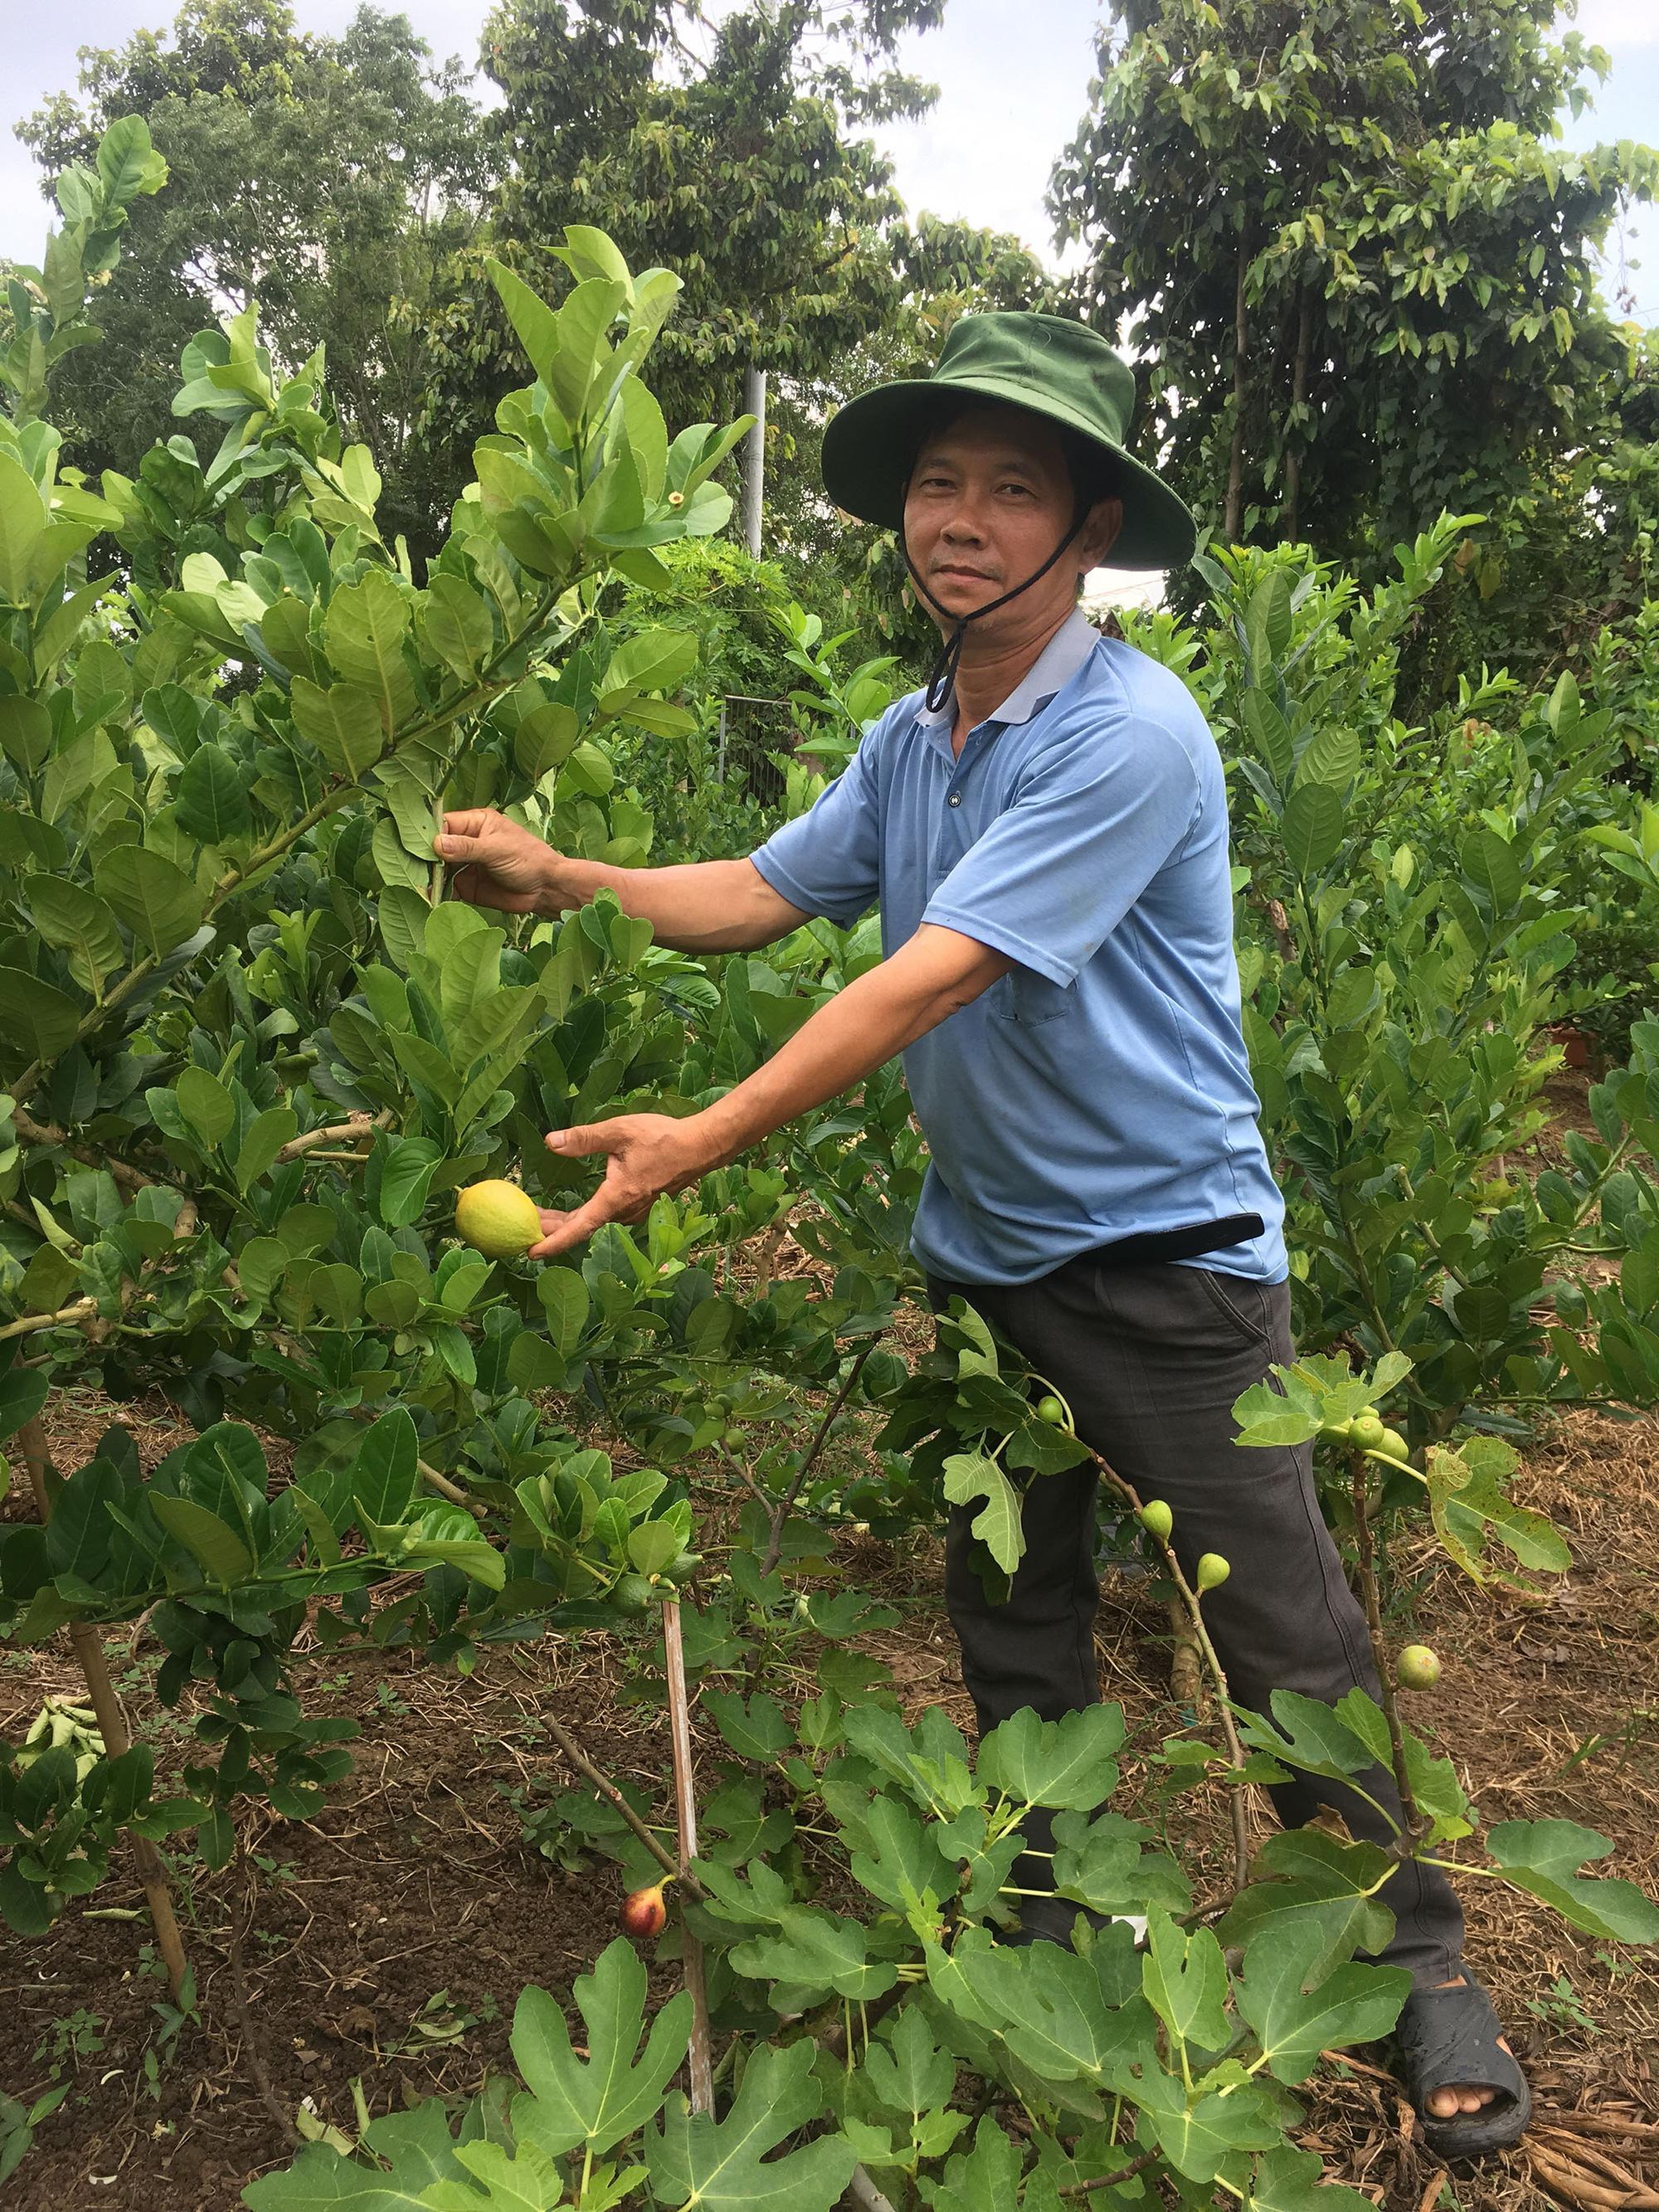 Vũng Tàu: Vì đam mê ông nông dân trồng cây lạ mà lãi lớn, hàng xóm kéo sang ầm ầm xin học theo - Ảnh 1.